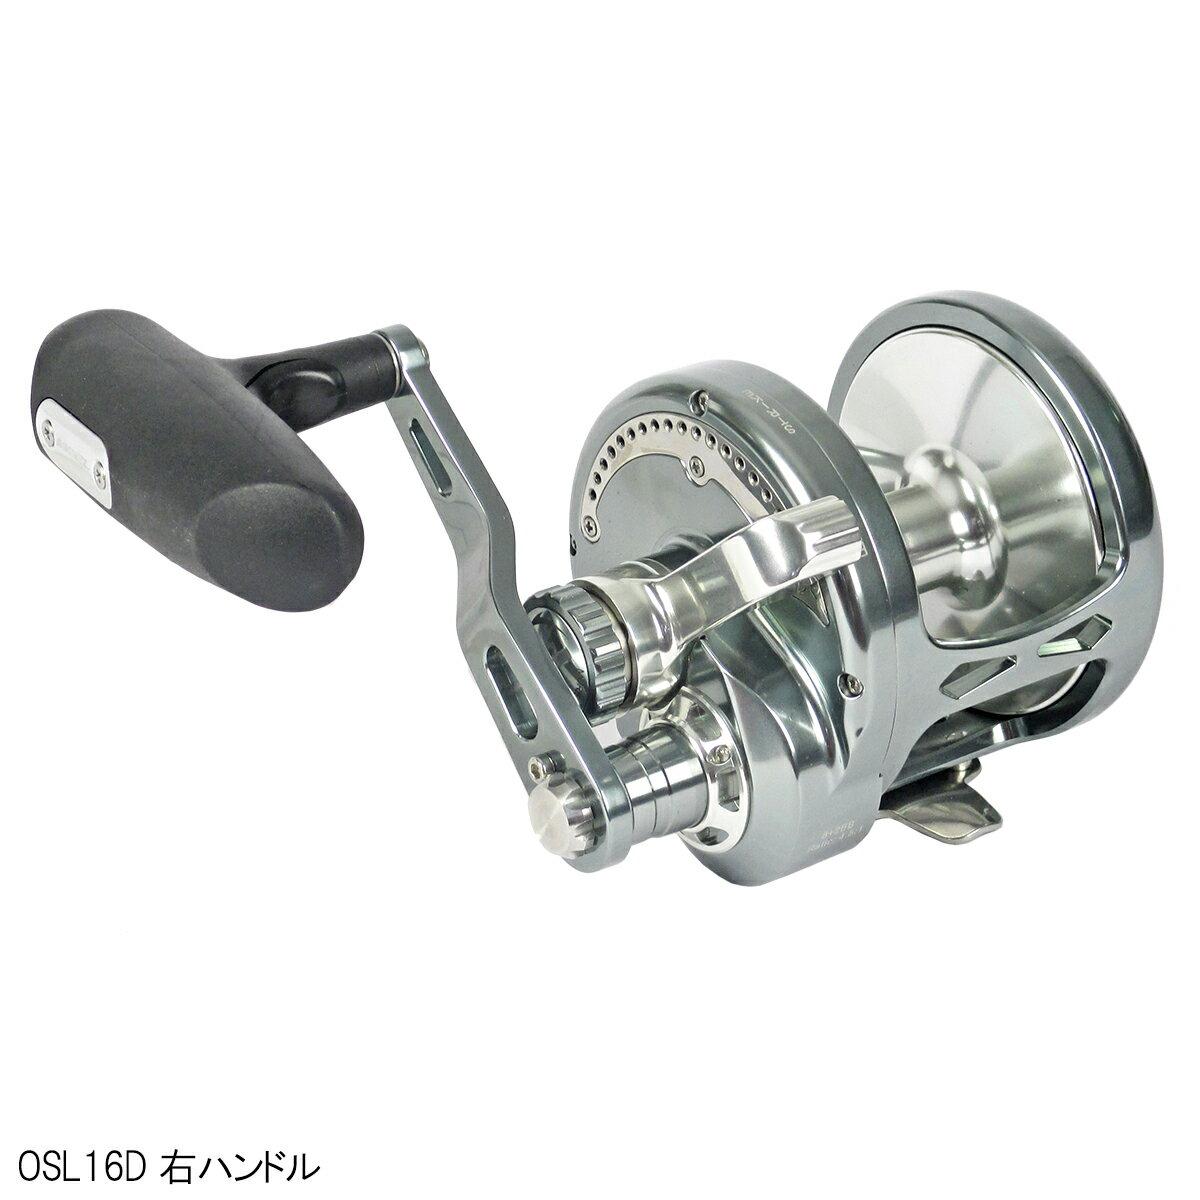 シーライオンPG OSL16D Gunsmoke/Silver 右ハンドル